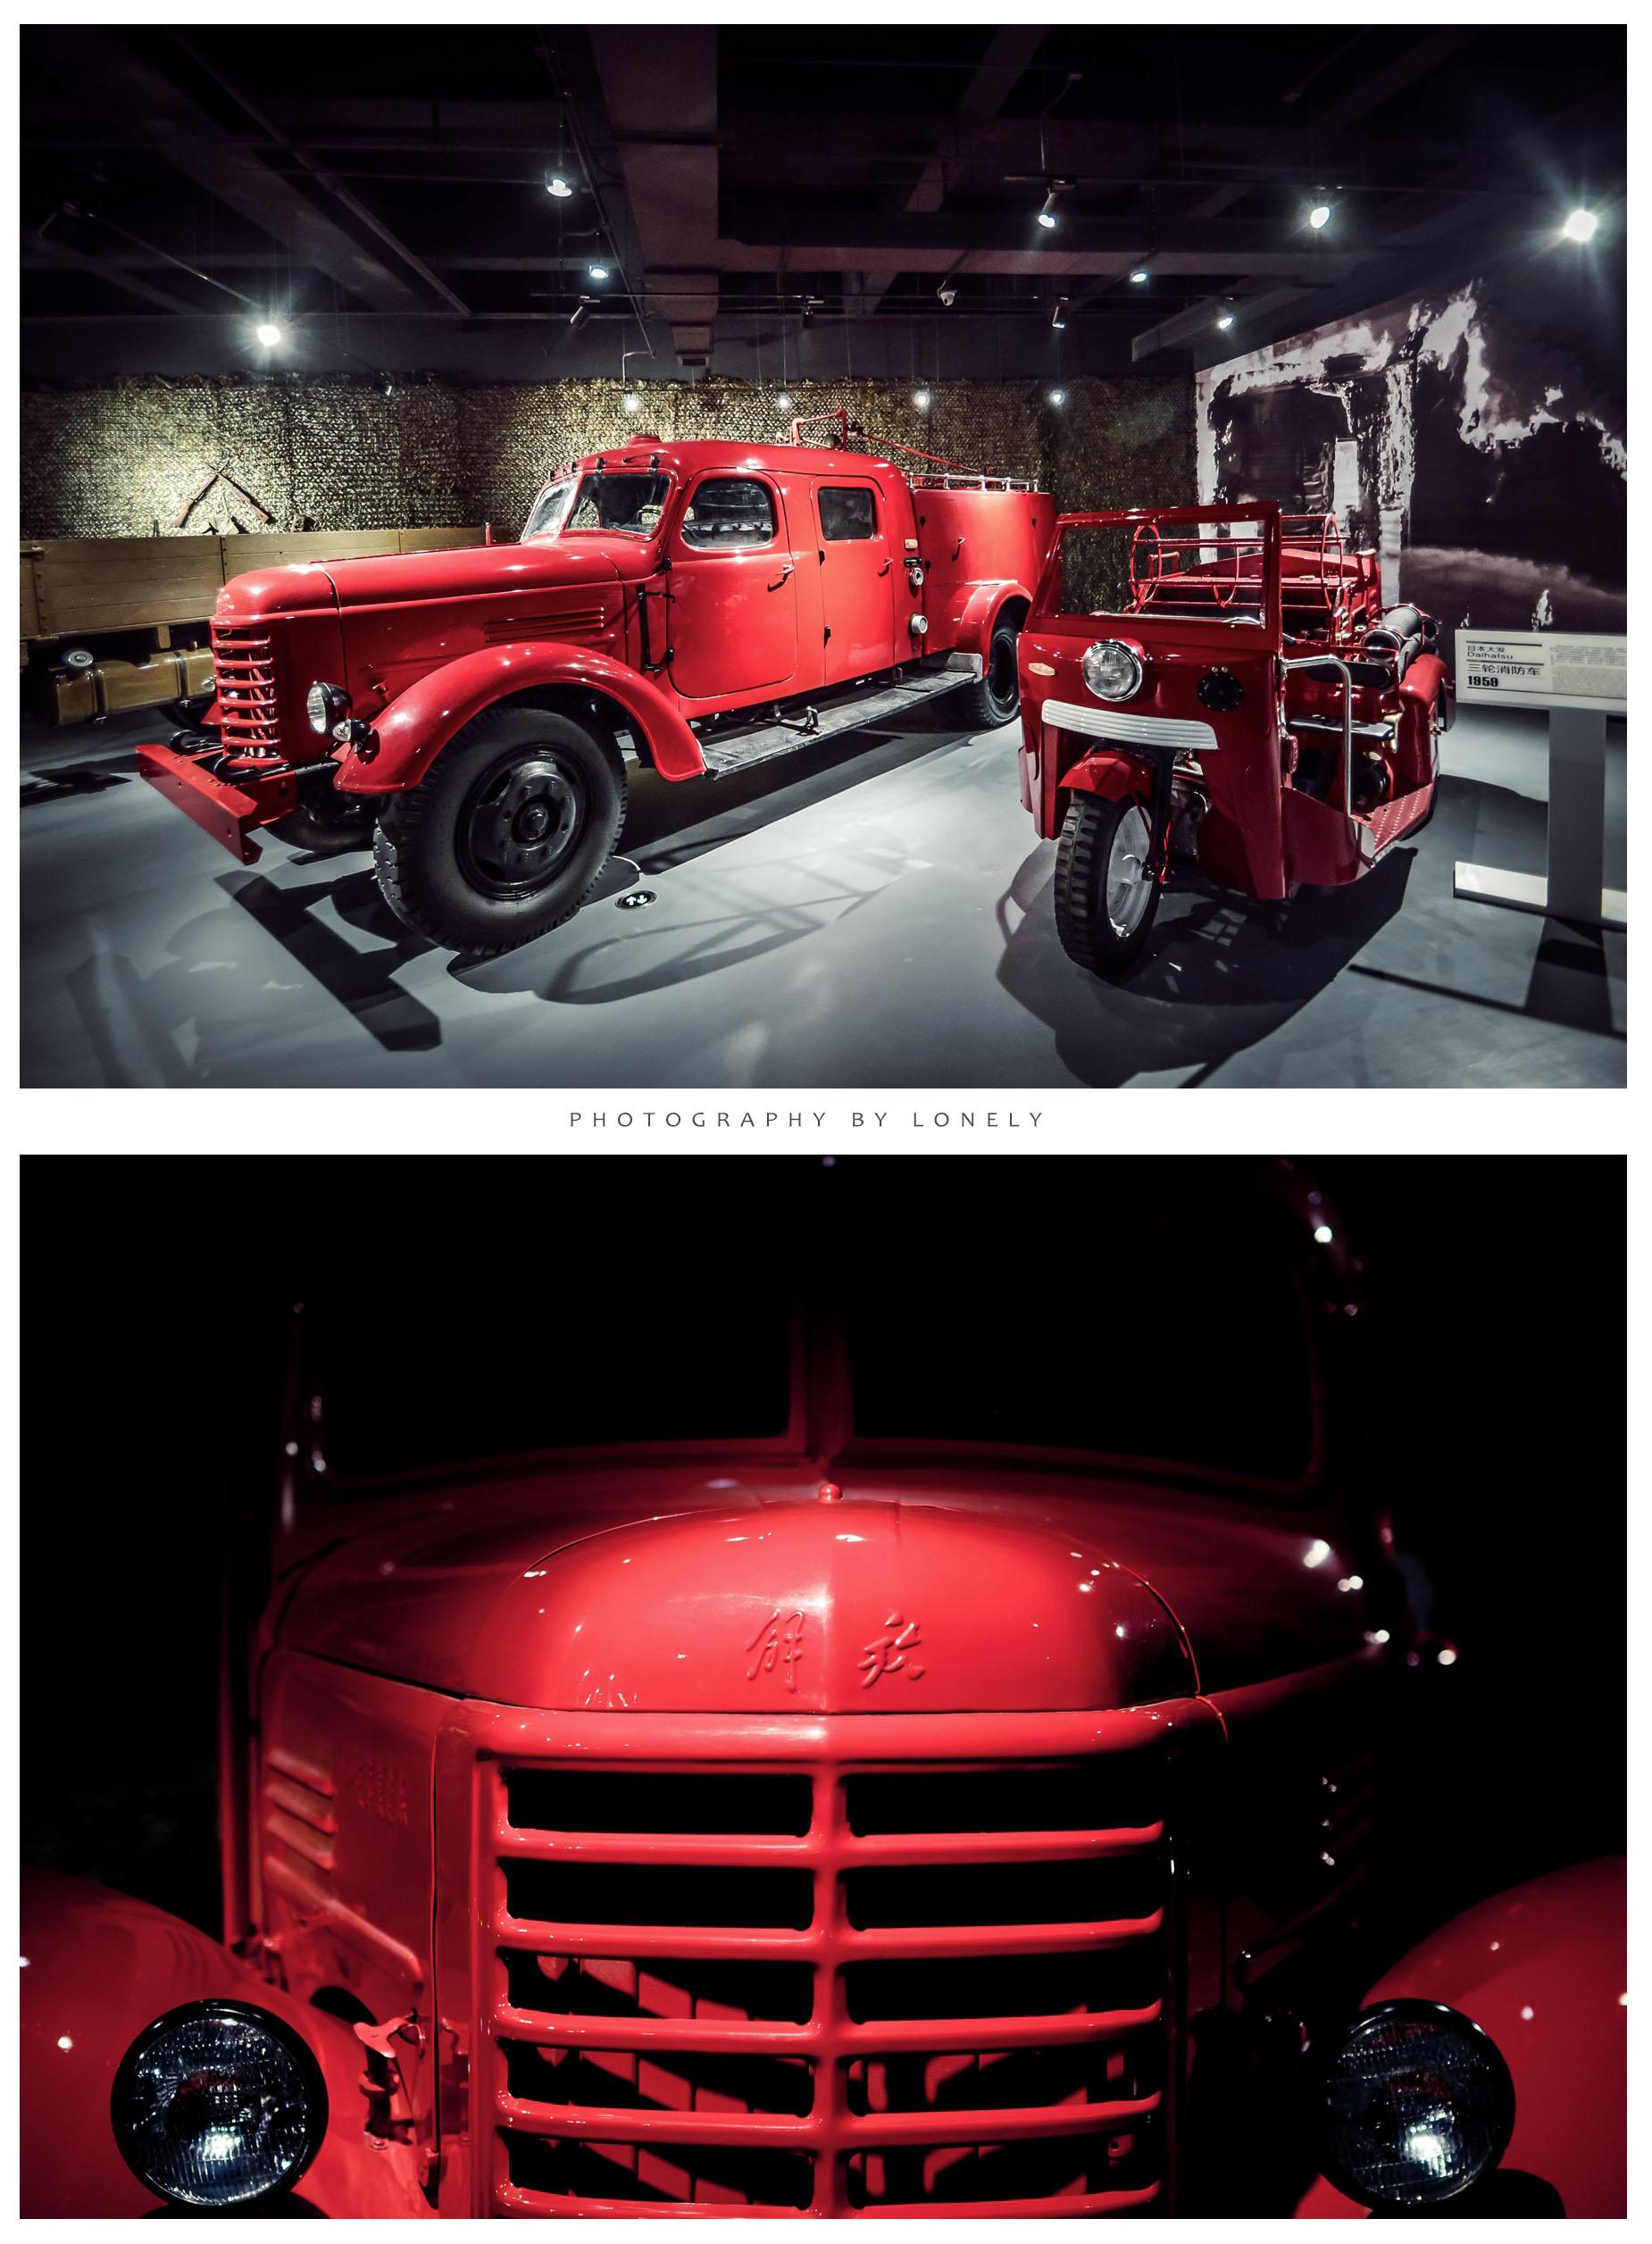 消防车.jpg